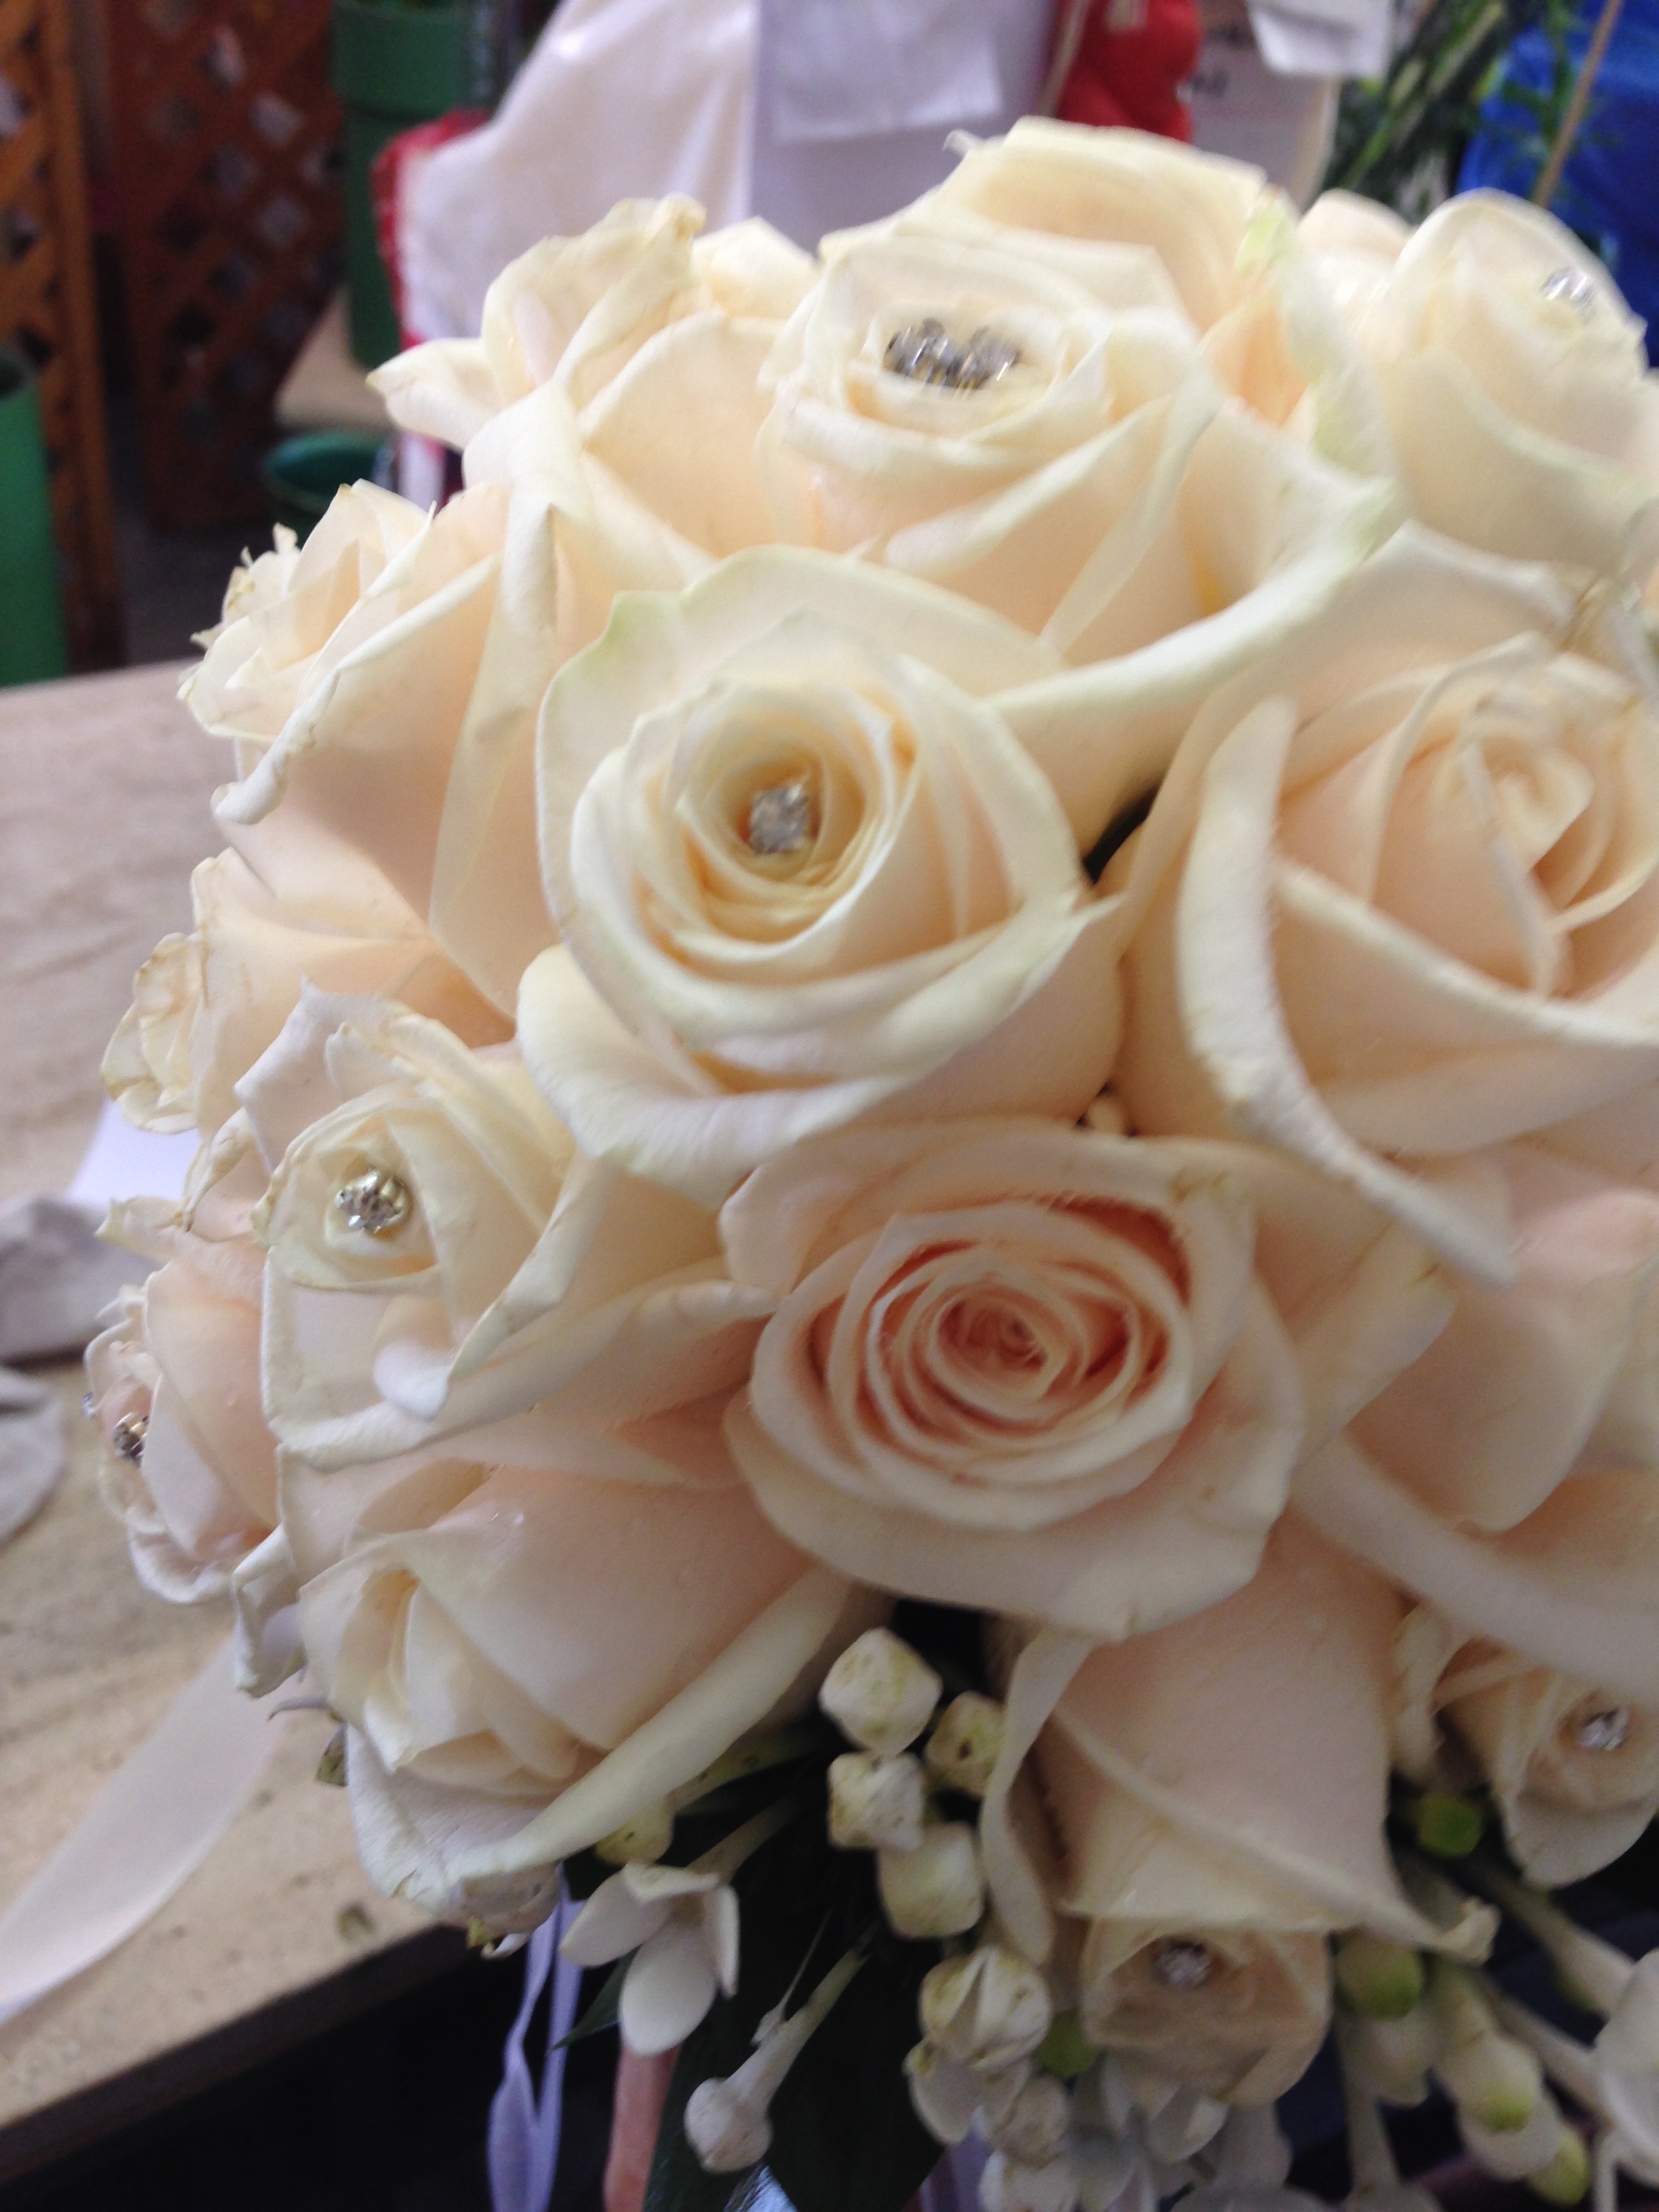 Matrimonio In Rosa : Matrimonio con rose bianche idee immagini e consigli